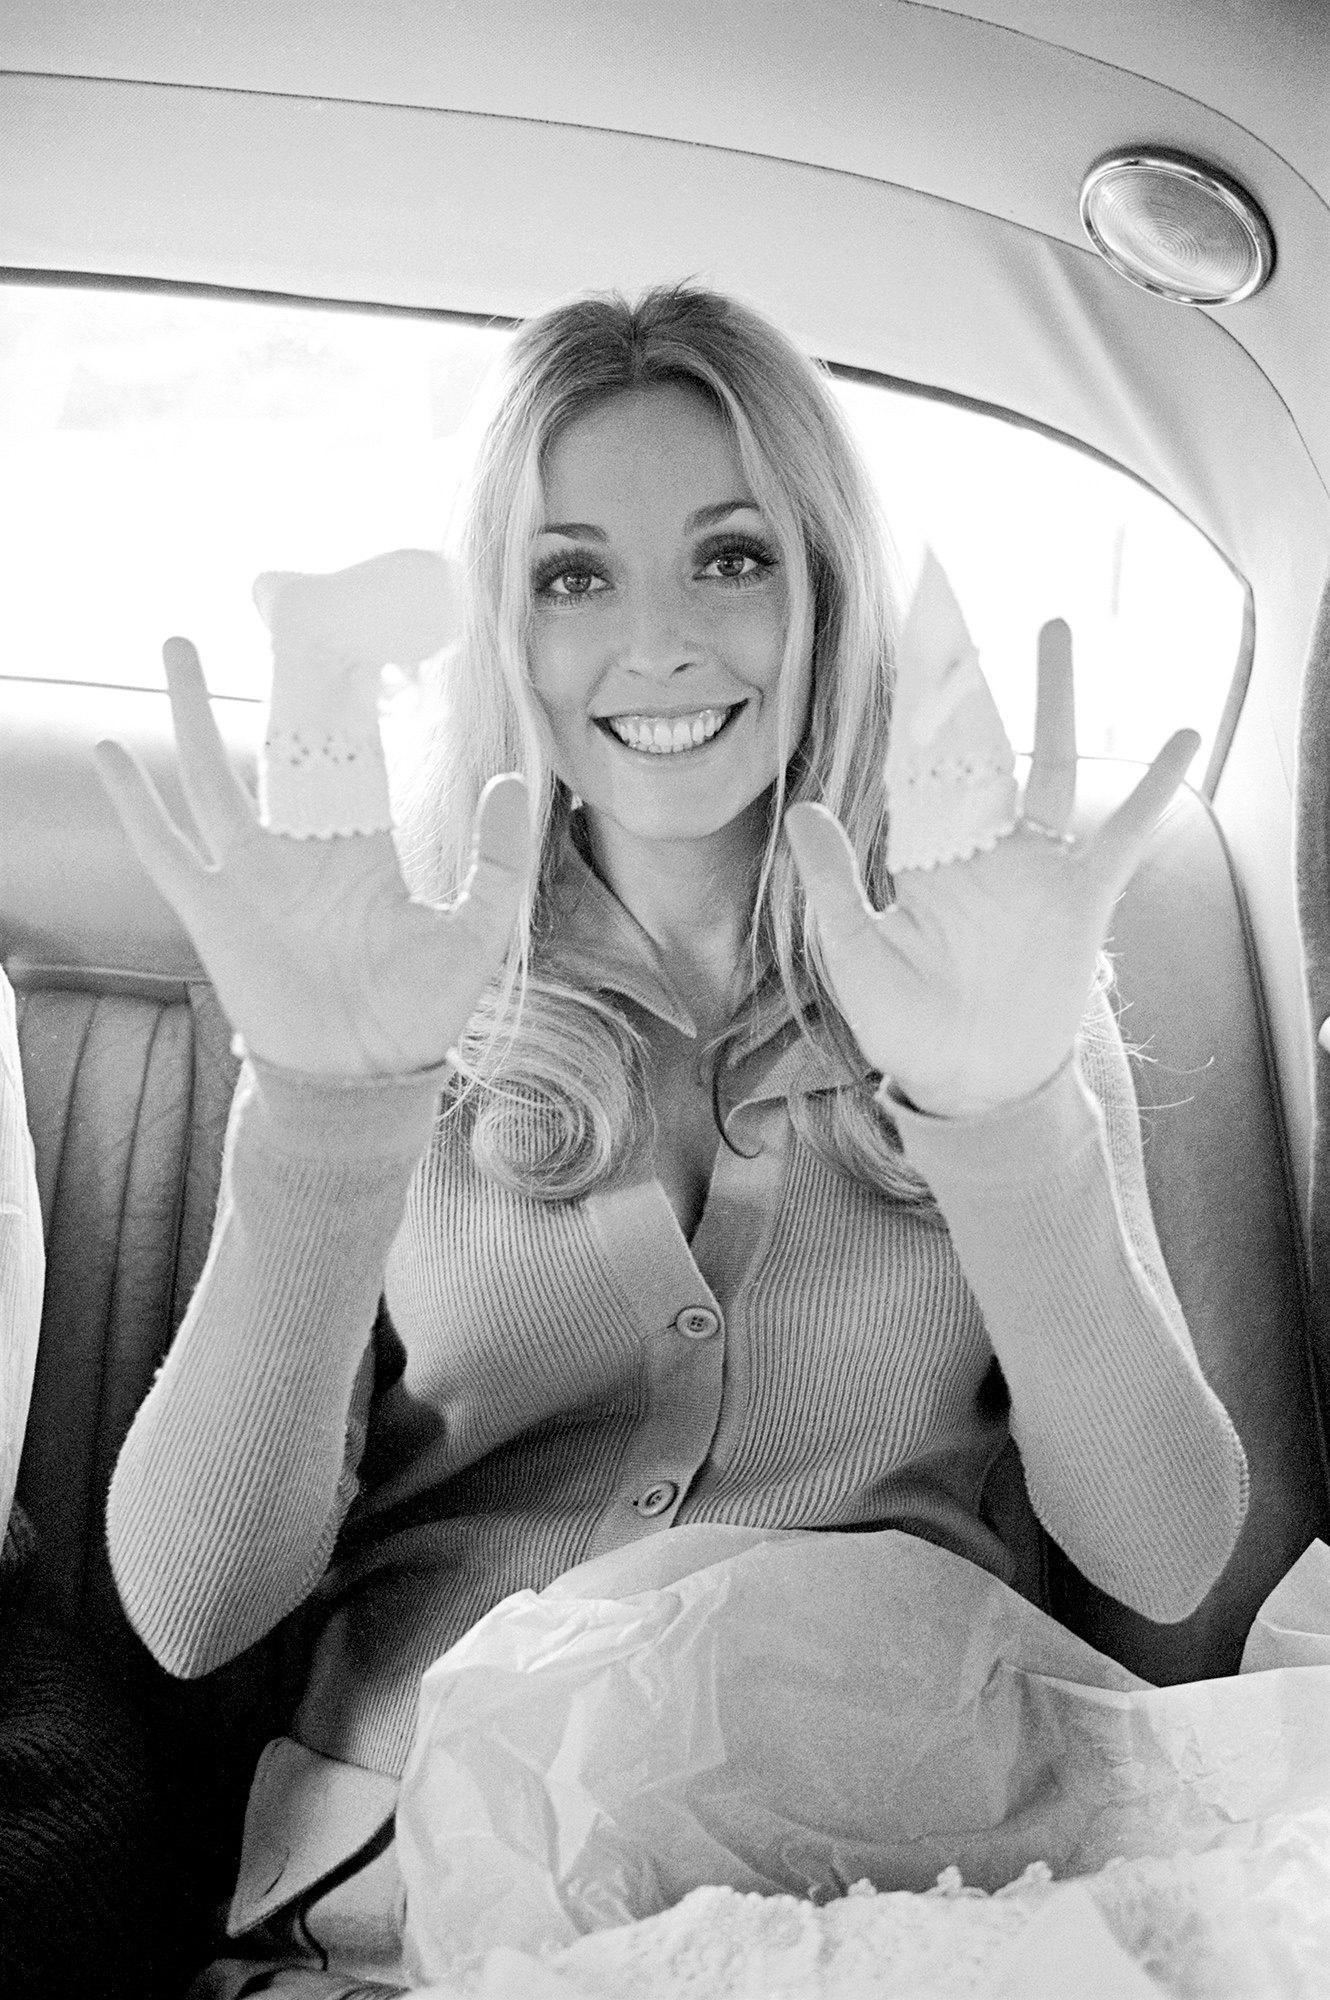 Беременная Шерон Тэйт влондонском такси сносочками дляноворожденных, 6 августа 1969 года. Фотография была сделана затри дня доубийства актрисы.